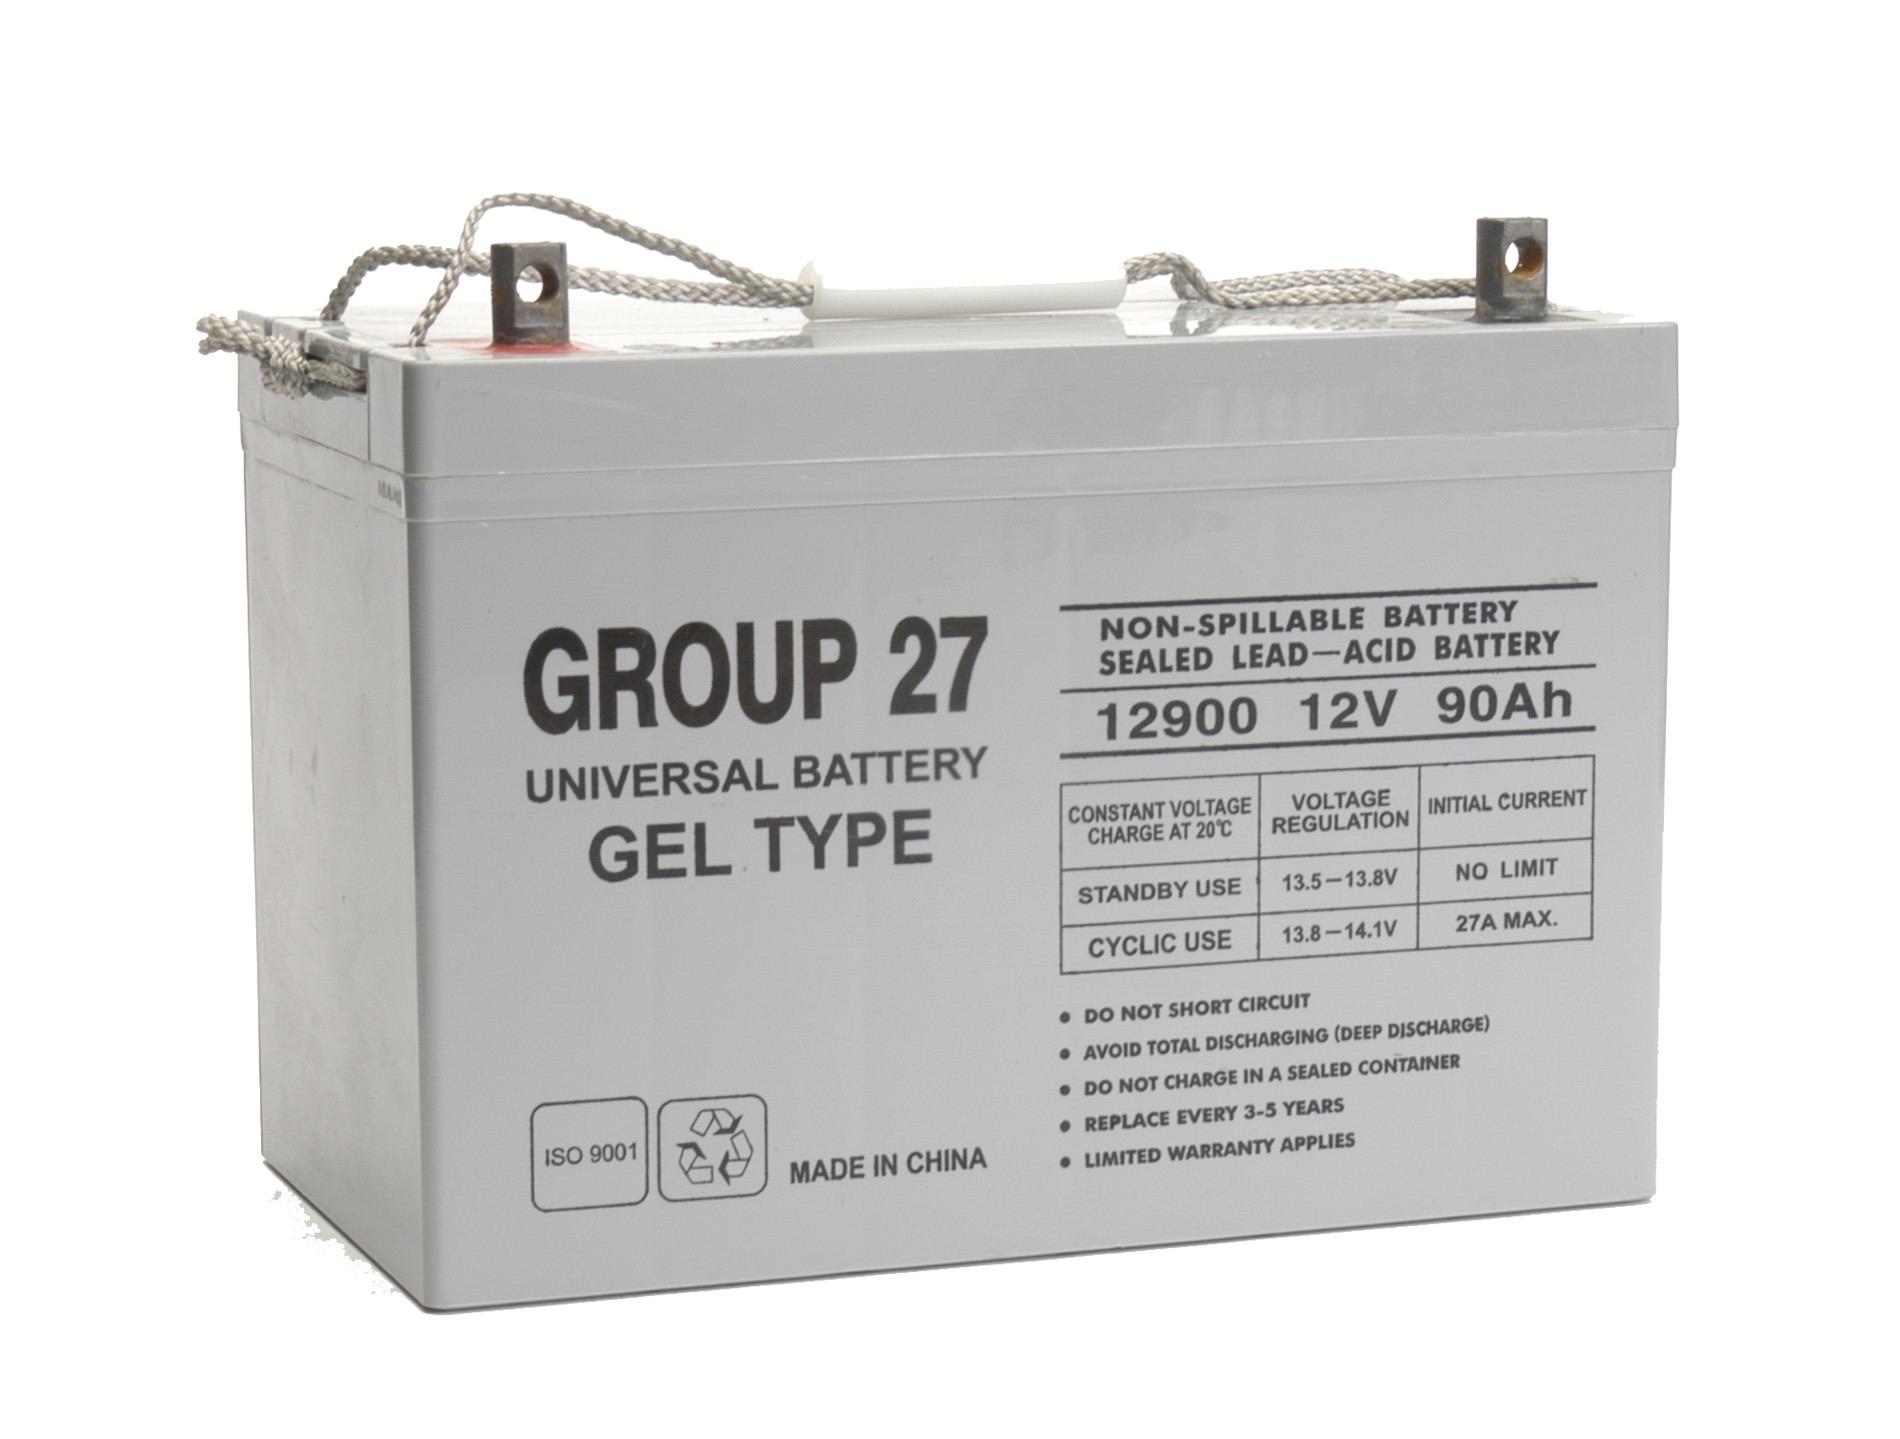 12v 90ah (Group 27) Gel Battery for Advance Terra 28B Floor Sweeper